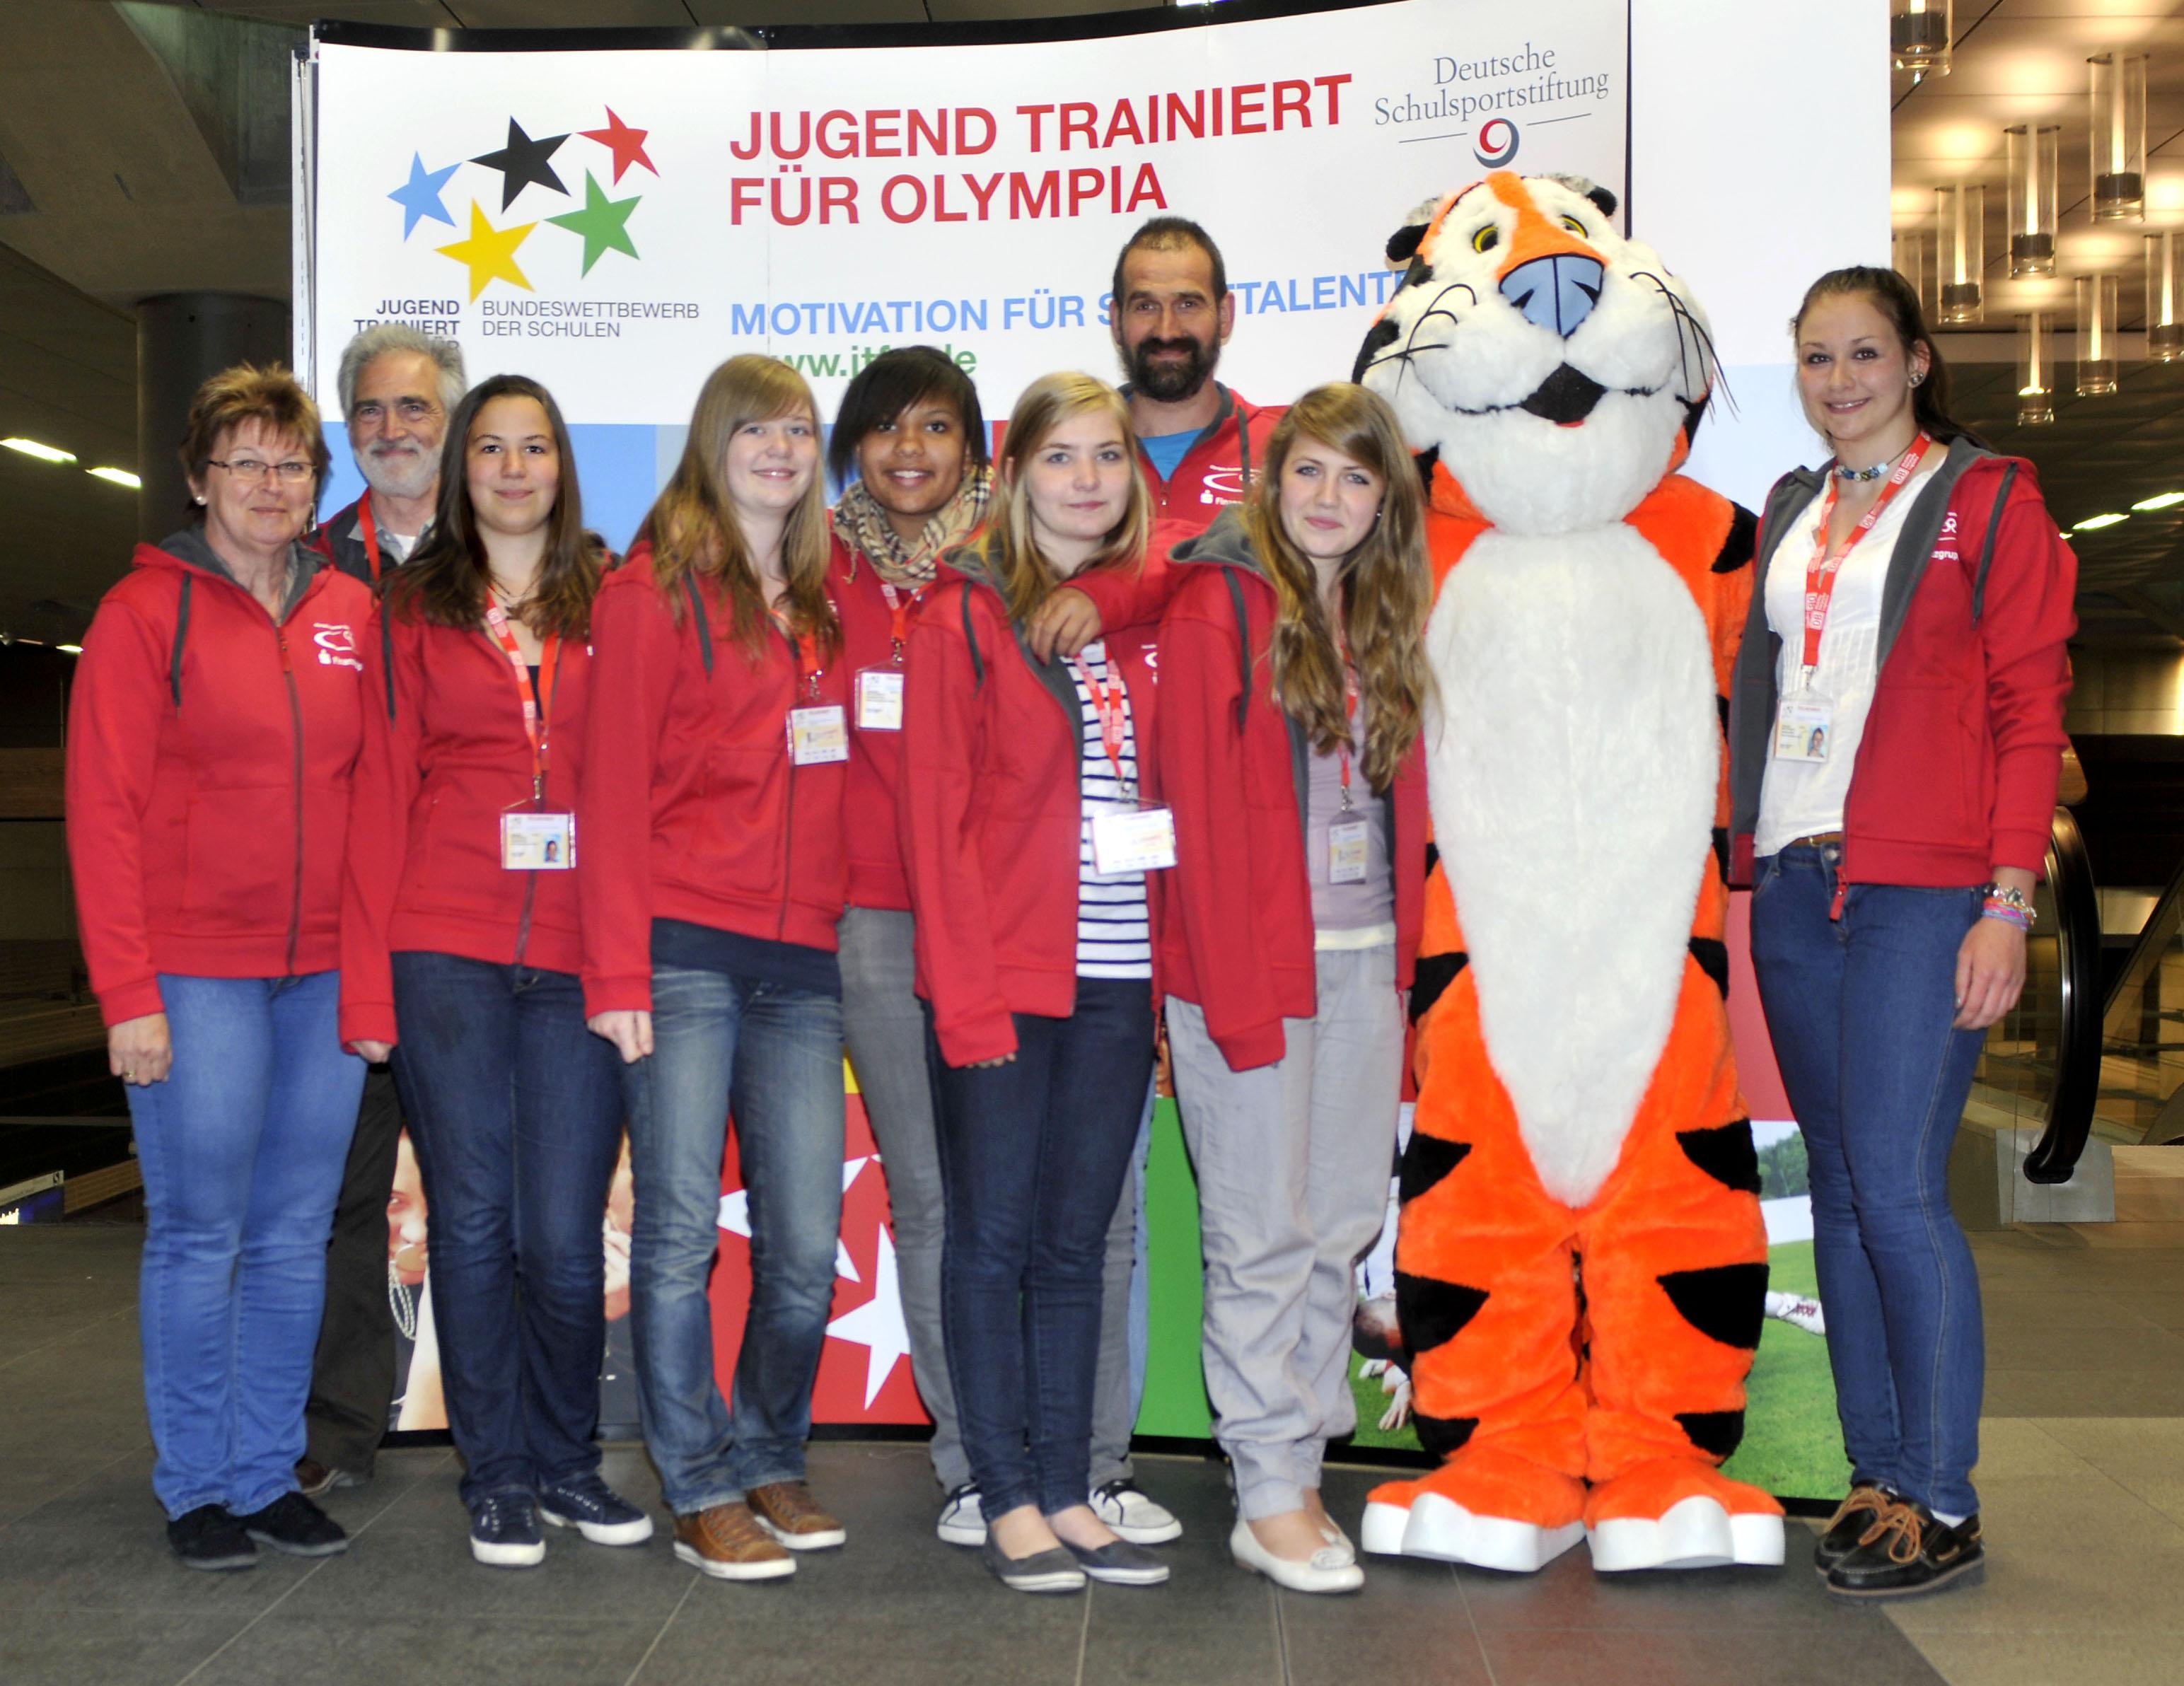 Volleyballerinnen des Rhein-Gymnasiums Sinzig belegen Platz sieben in Berlin